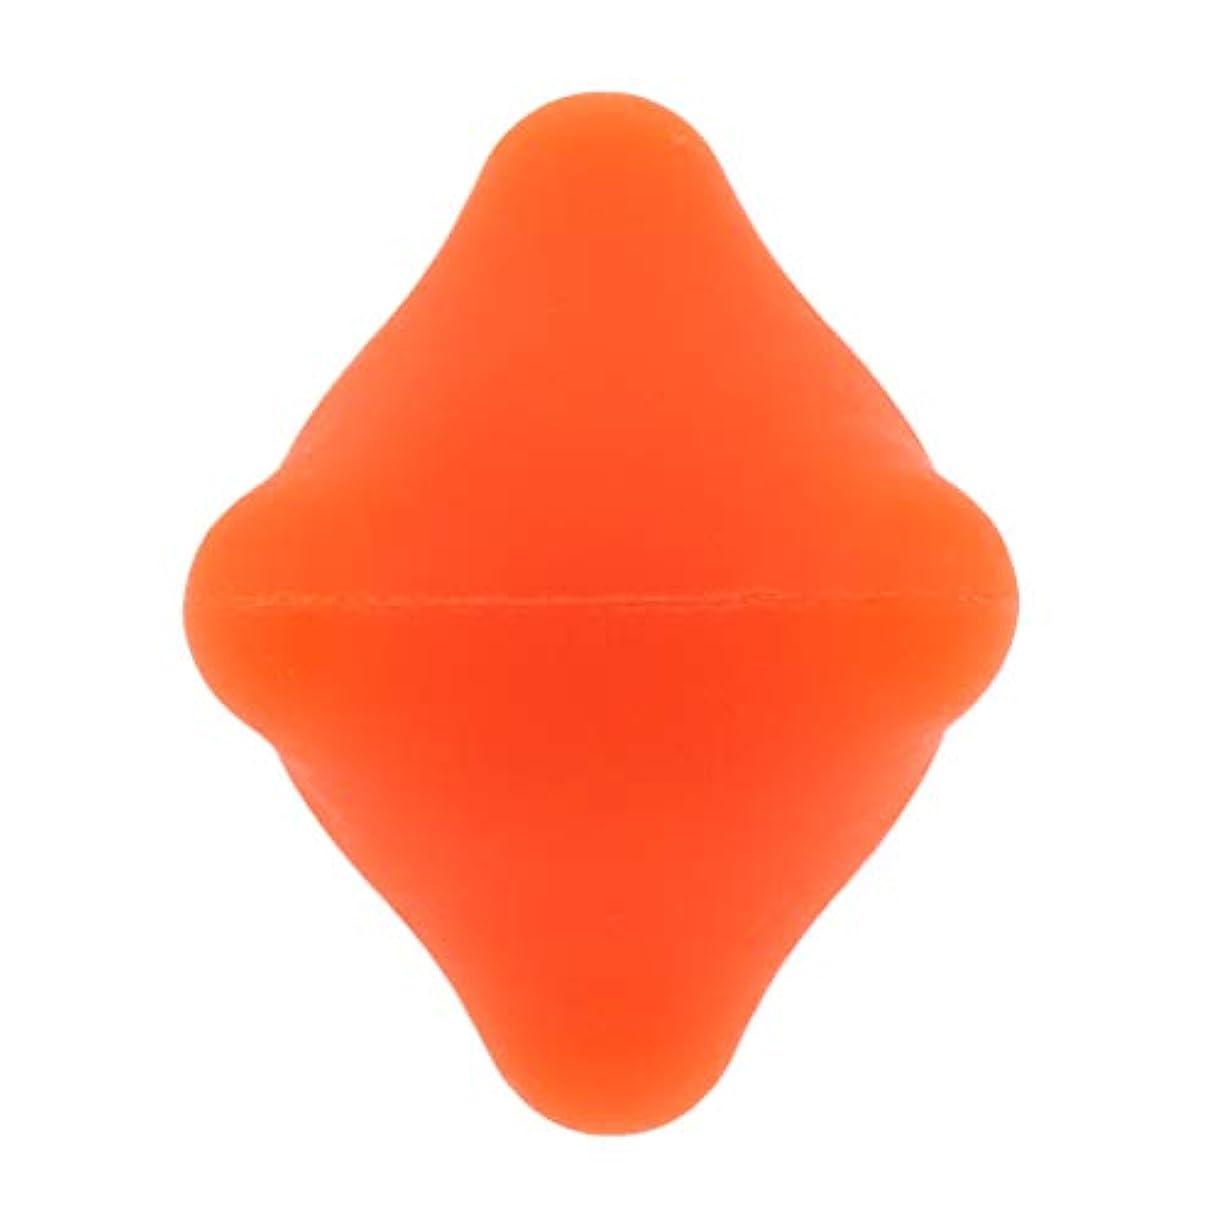 報復フルーツ引き出す全9色 マッサージボール 指圧ボール 六角 筋膜リリース トリガーポイント 背中 足裏 ストレス解消 - オレンジ, 4.4cm